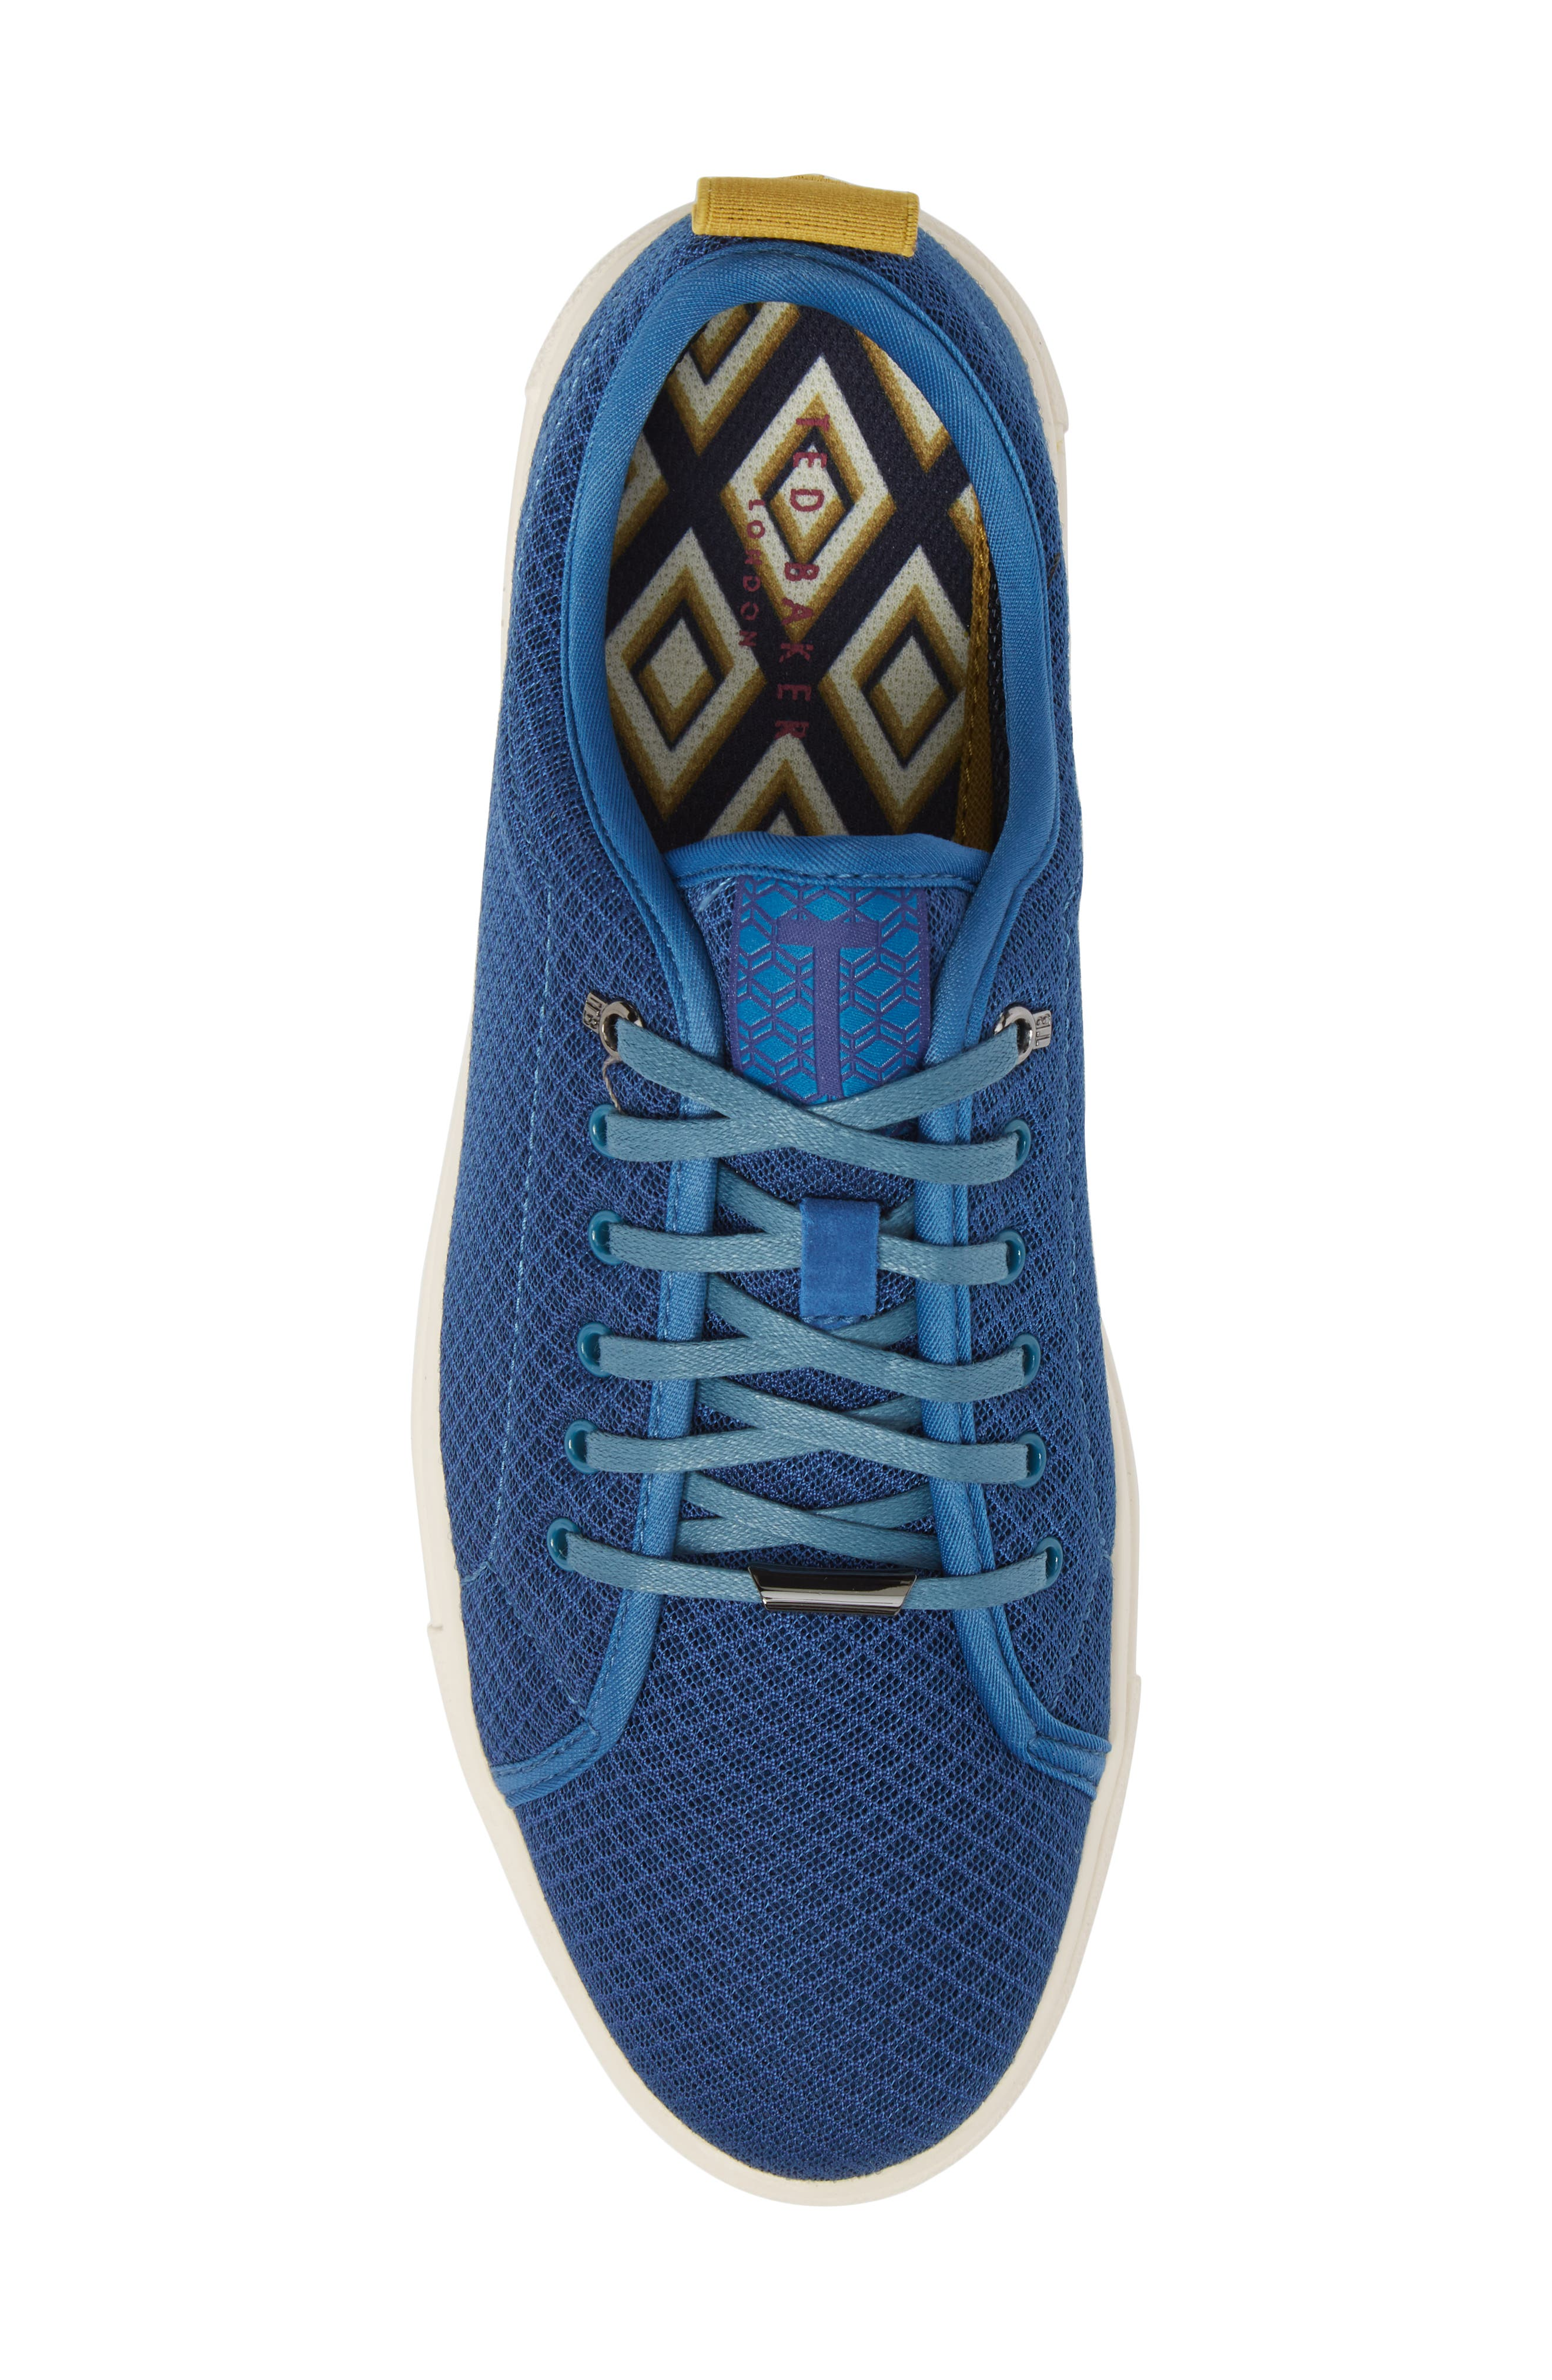 Lannse Low Top Mesh Sneaker,                             Alternate thumbnail 5, color,                             Blue Textile